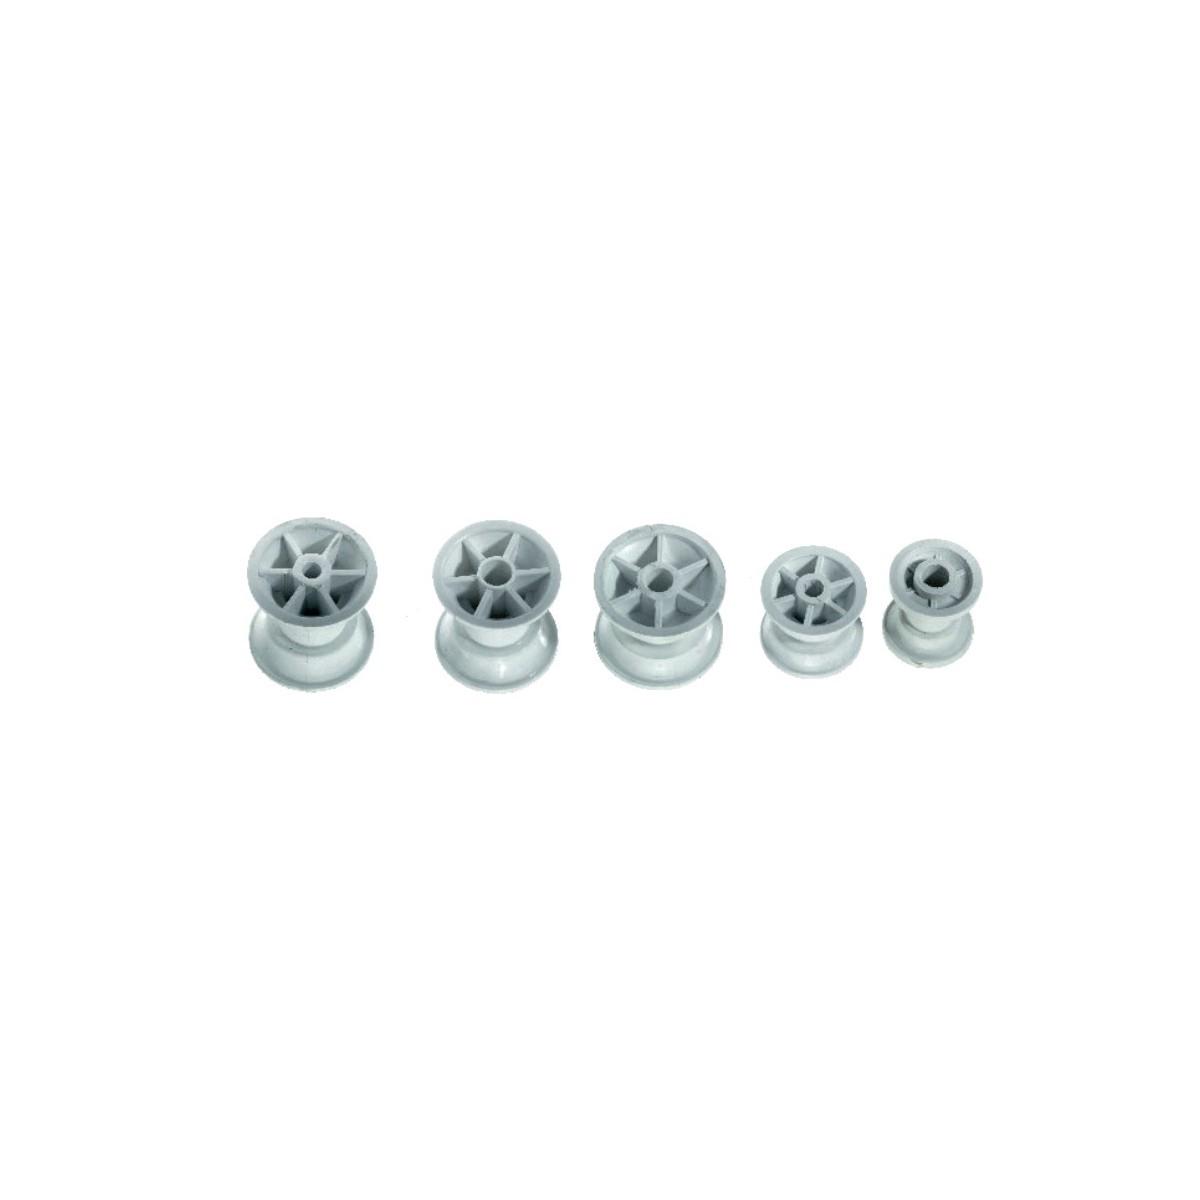 9.29 - Ροδάκι Πλαστικό Μήκους 53mm